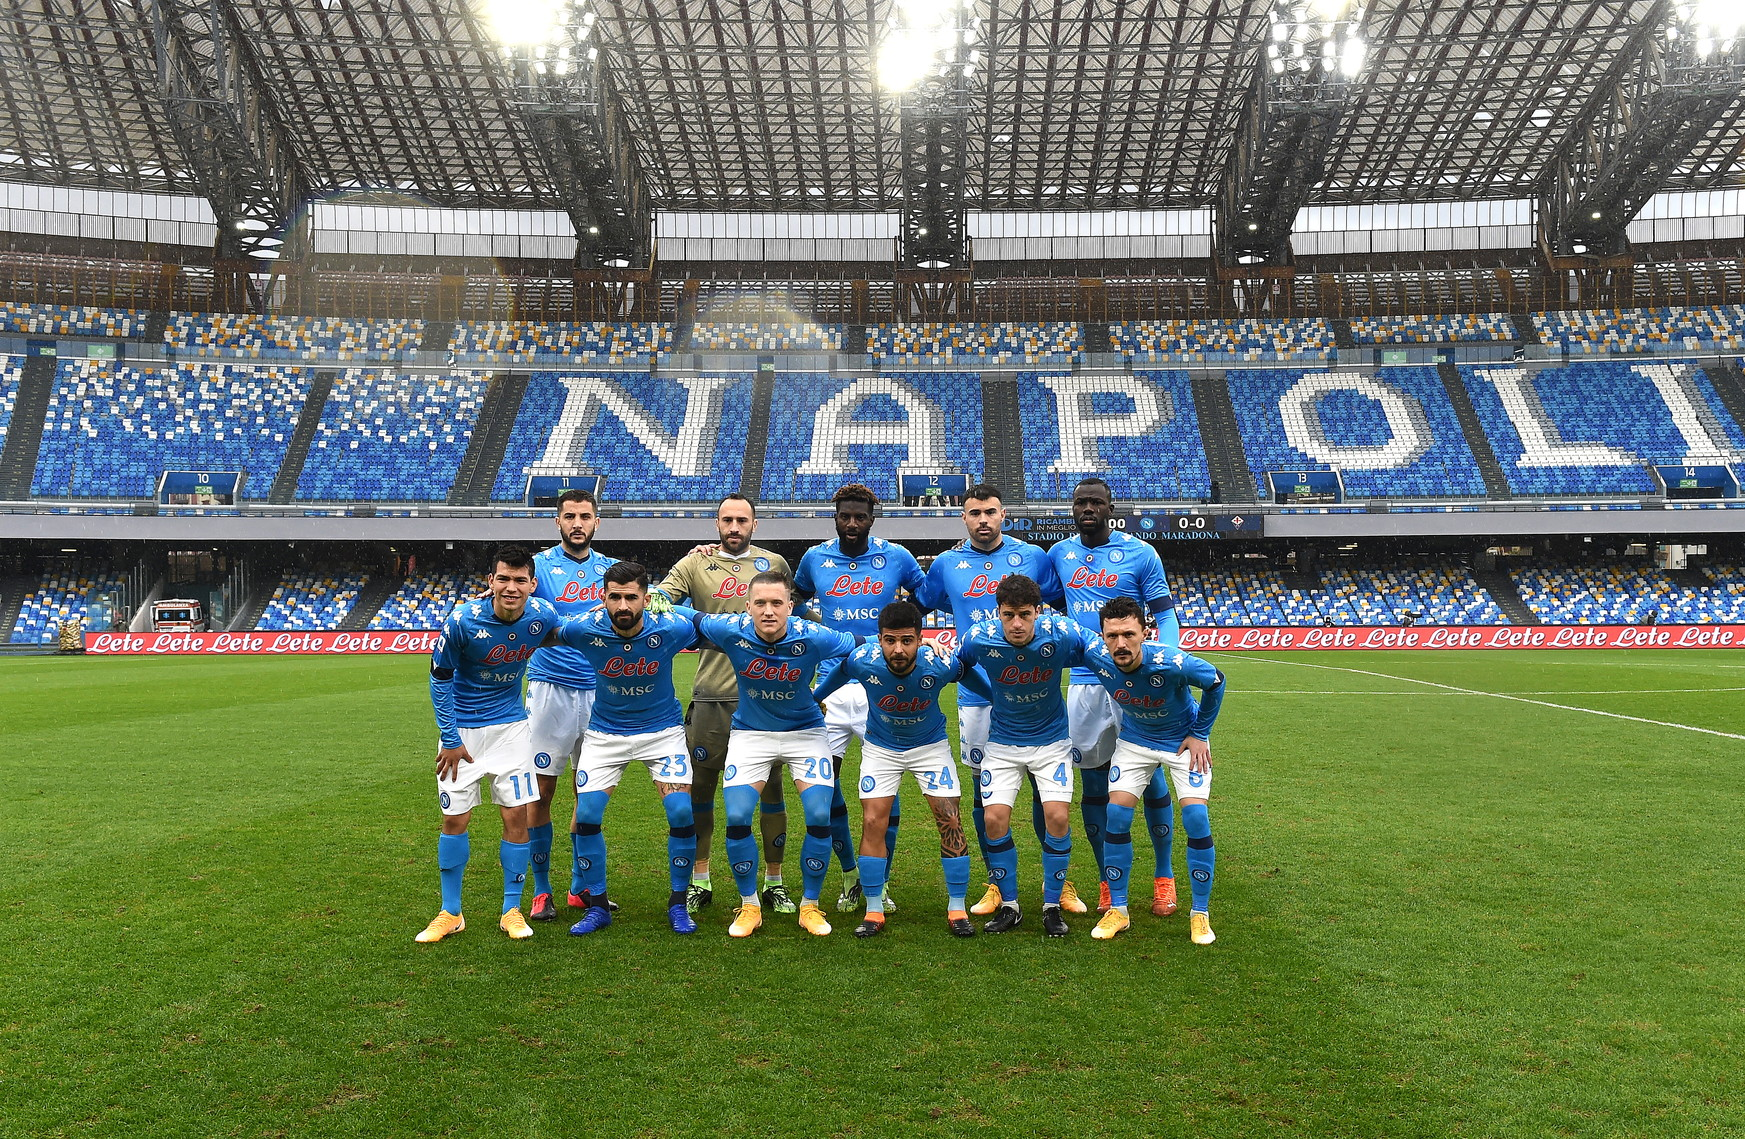 Allo stadio Maradona&nbsp;sfida di grande importanza per azzurri e viola.<br /><br />